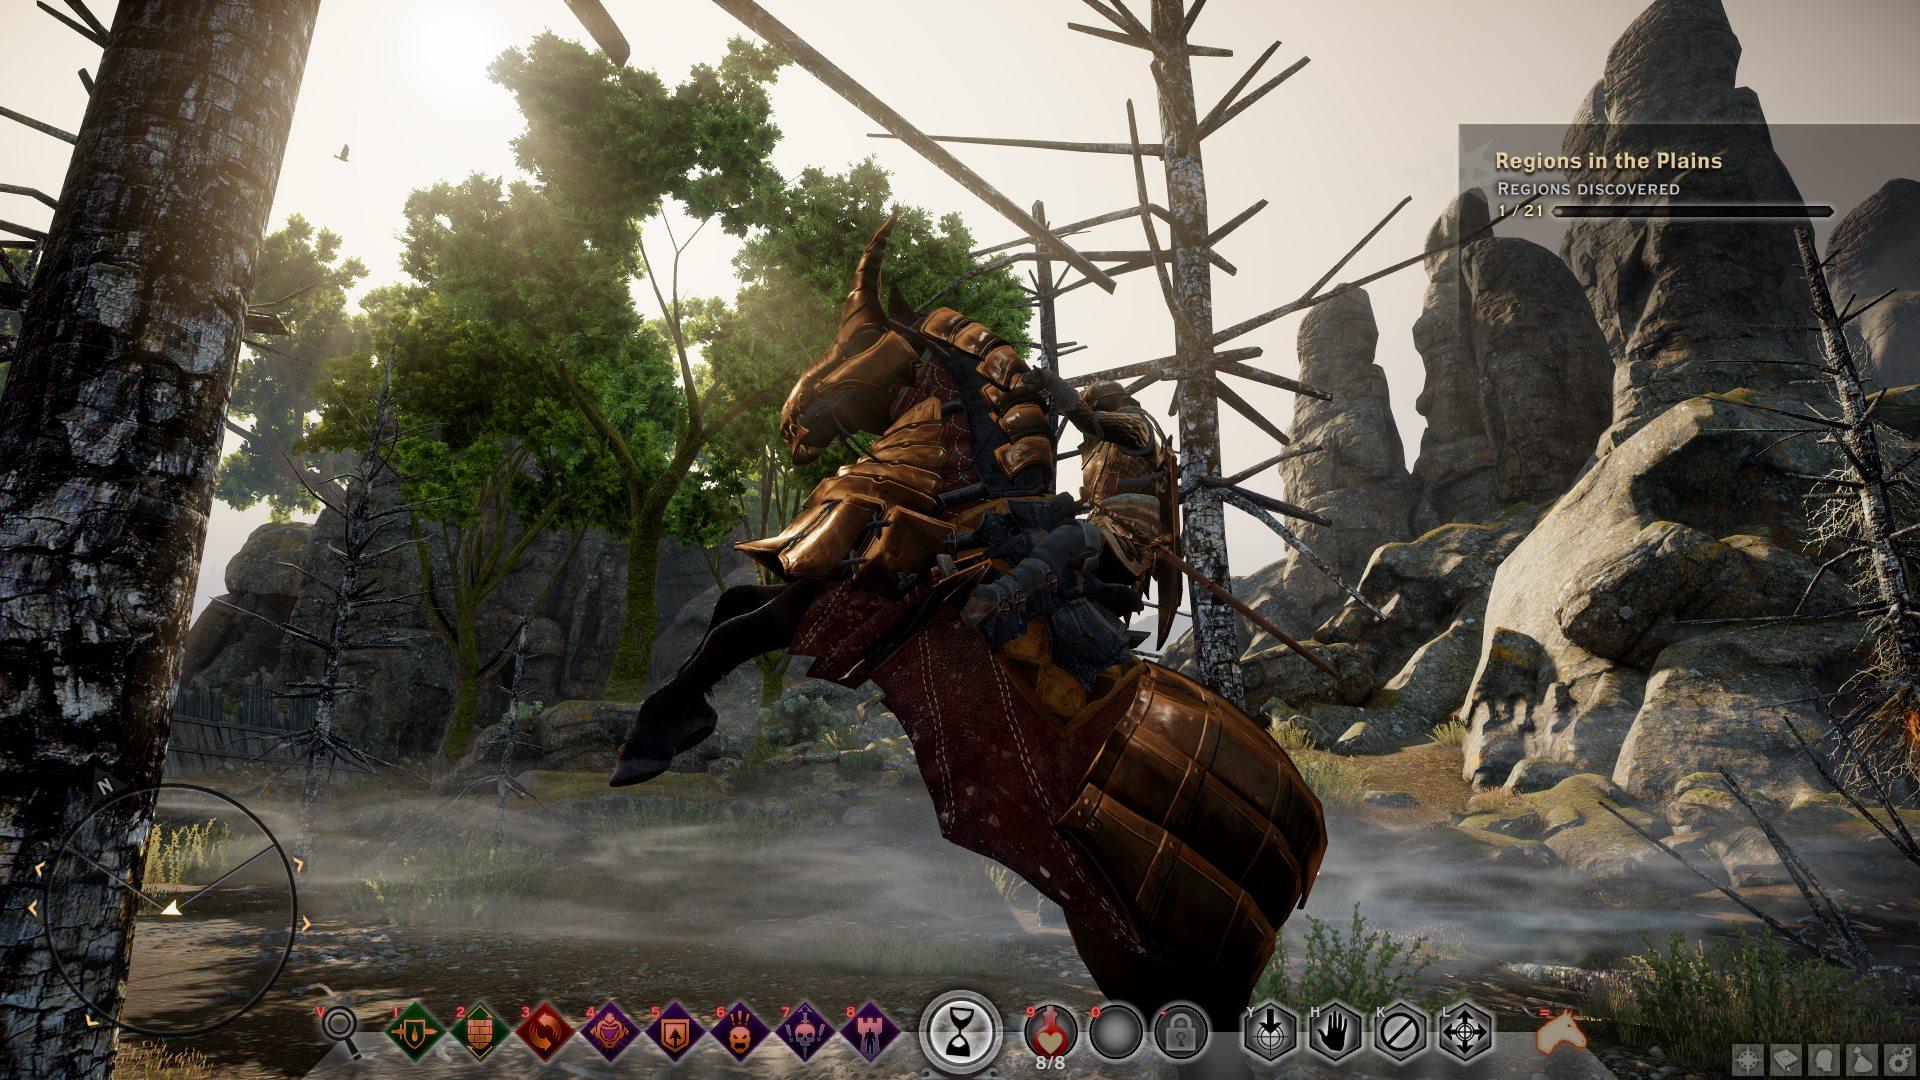 Dragon Age Inquisition: especificações do PC, consoles e novas imagens